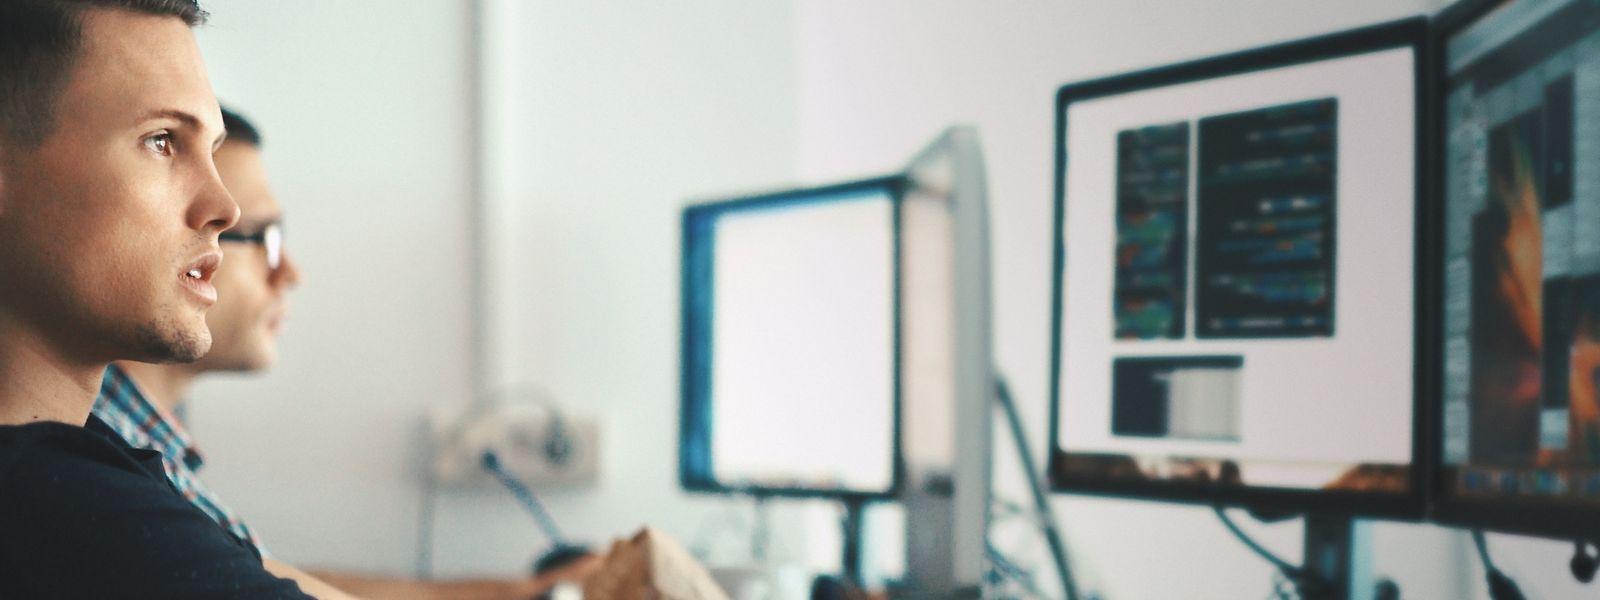 Les jeunes développeurs sont très recherchés: plus de 1.000 postes ne sont pas pourvus au Luxembourg